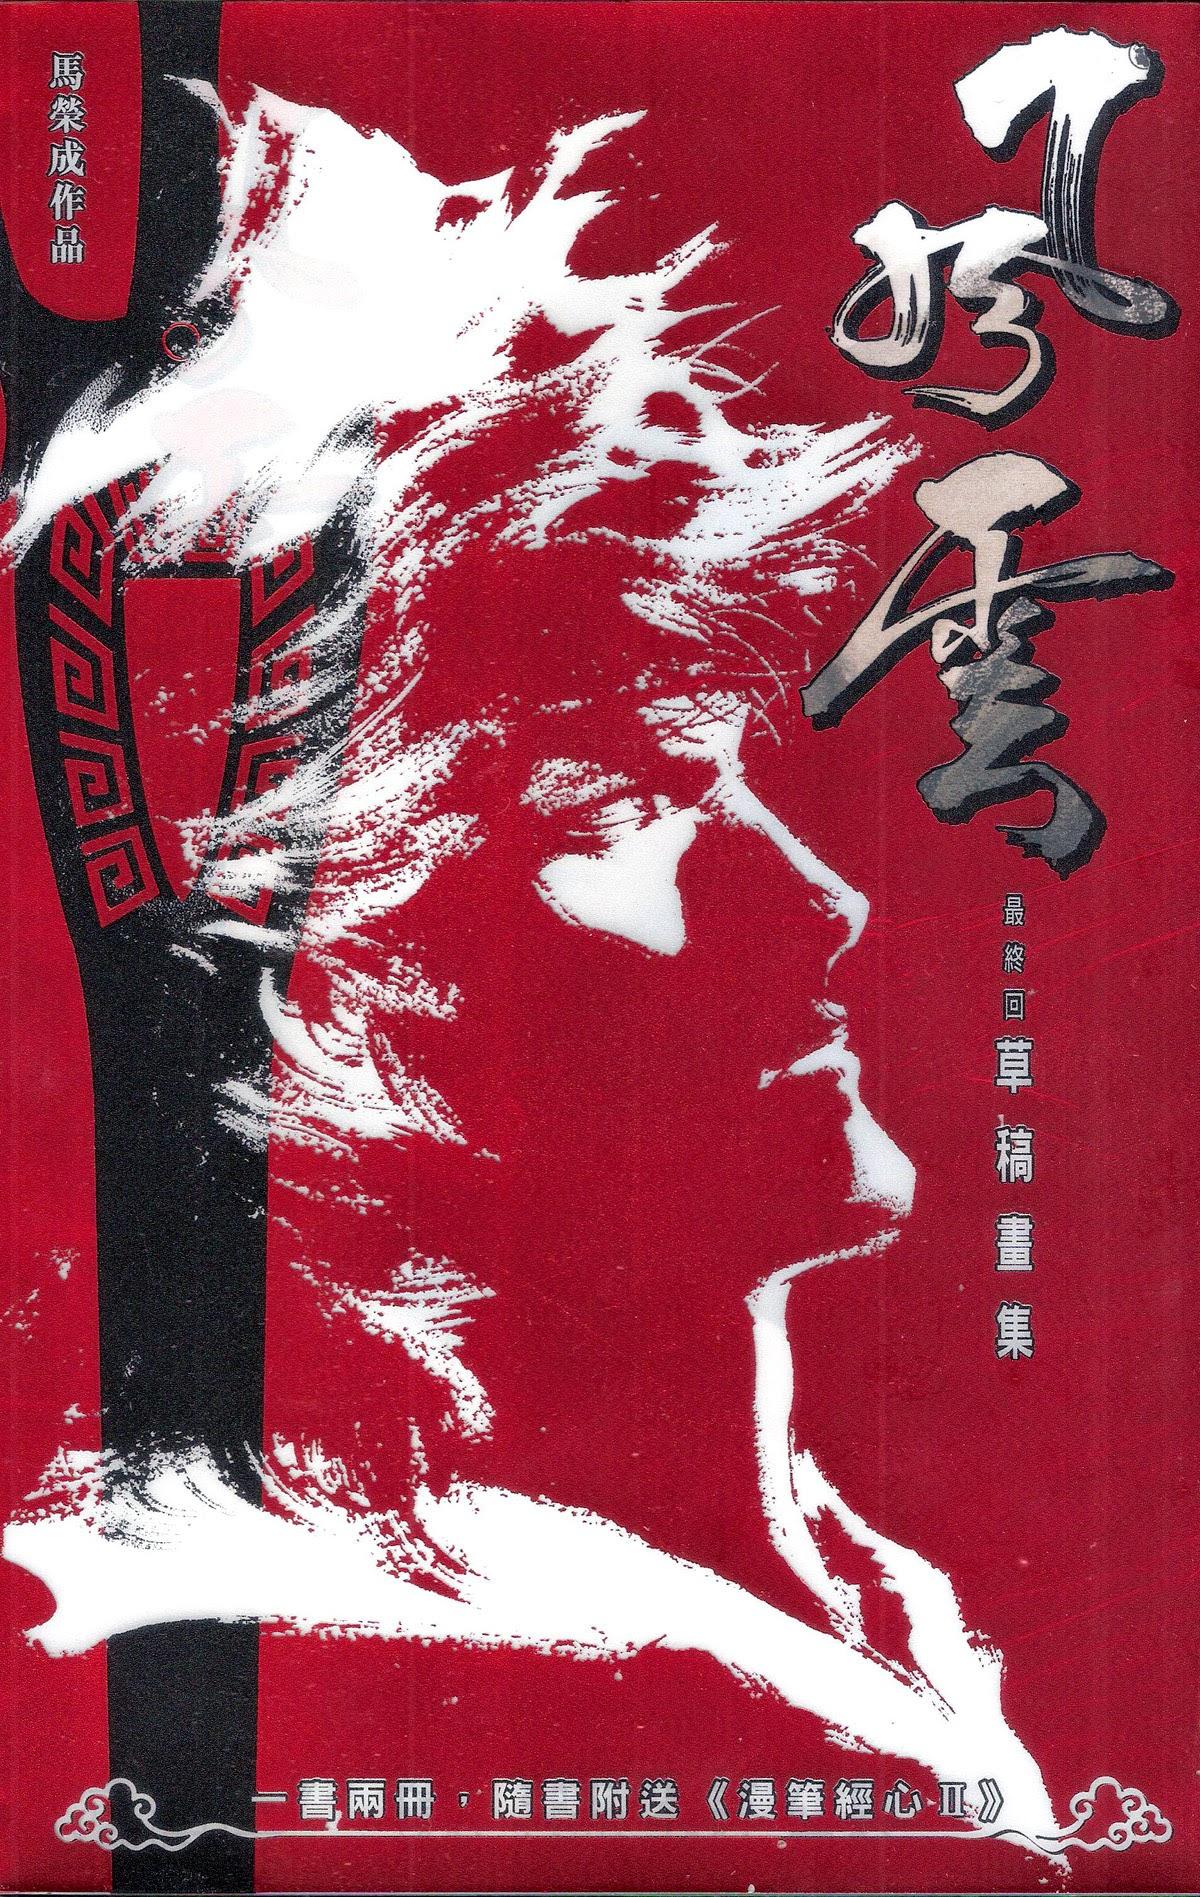 Phong Vân chap 675 - Trang 78